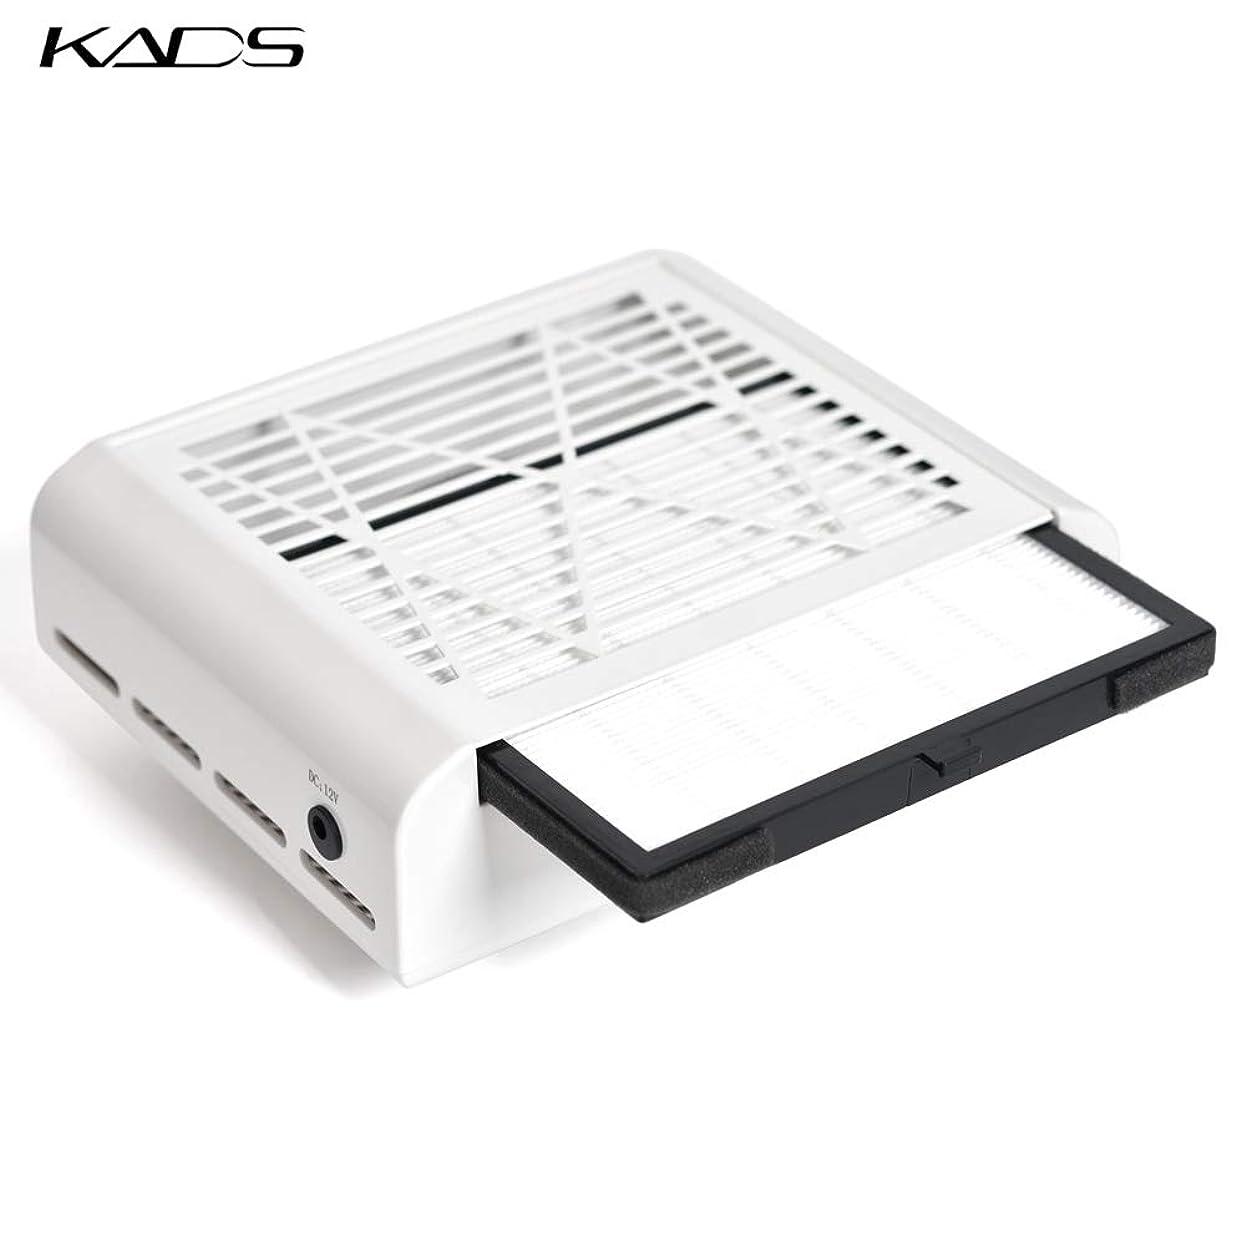 統治可能アイデア無知KADS ネイルダスト集塵機 ネイルダストコレクター サロンサクションダストコレクター ネイルダストクリーナー ジェルネイル機器 ネイルケア用